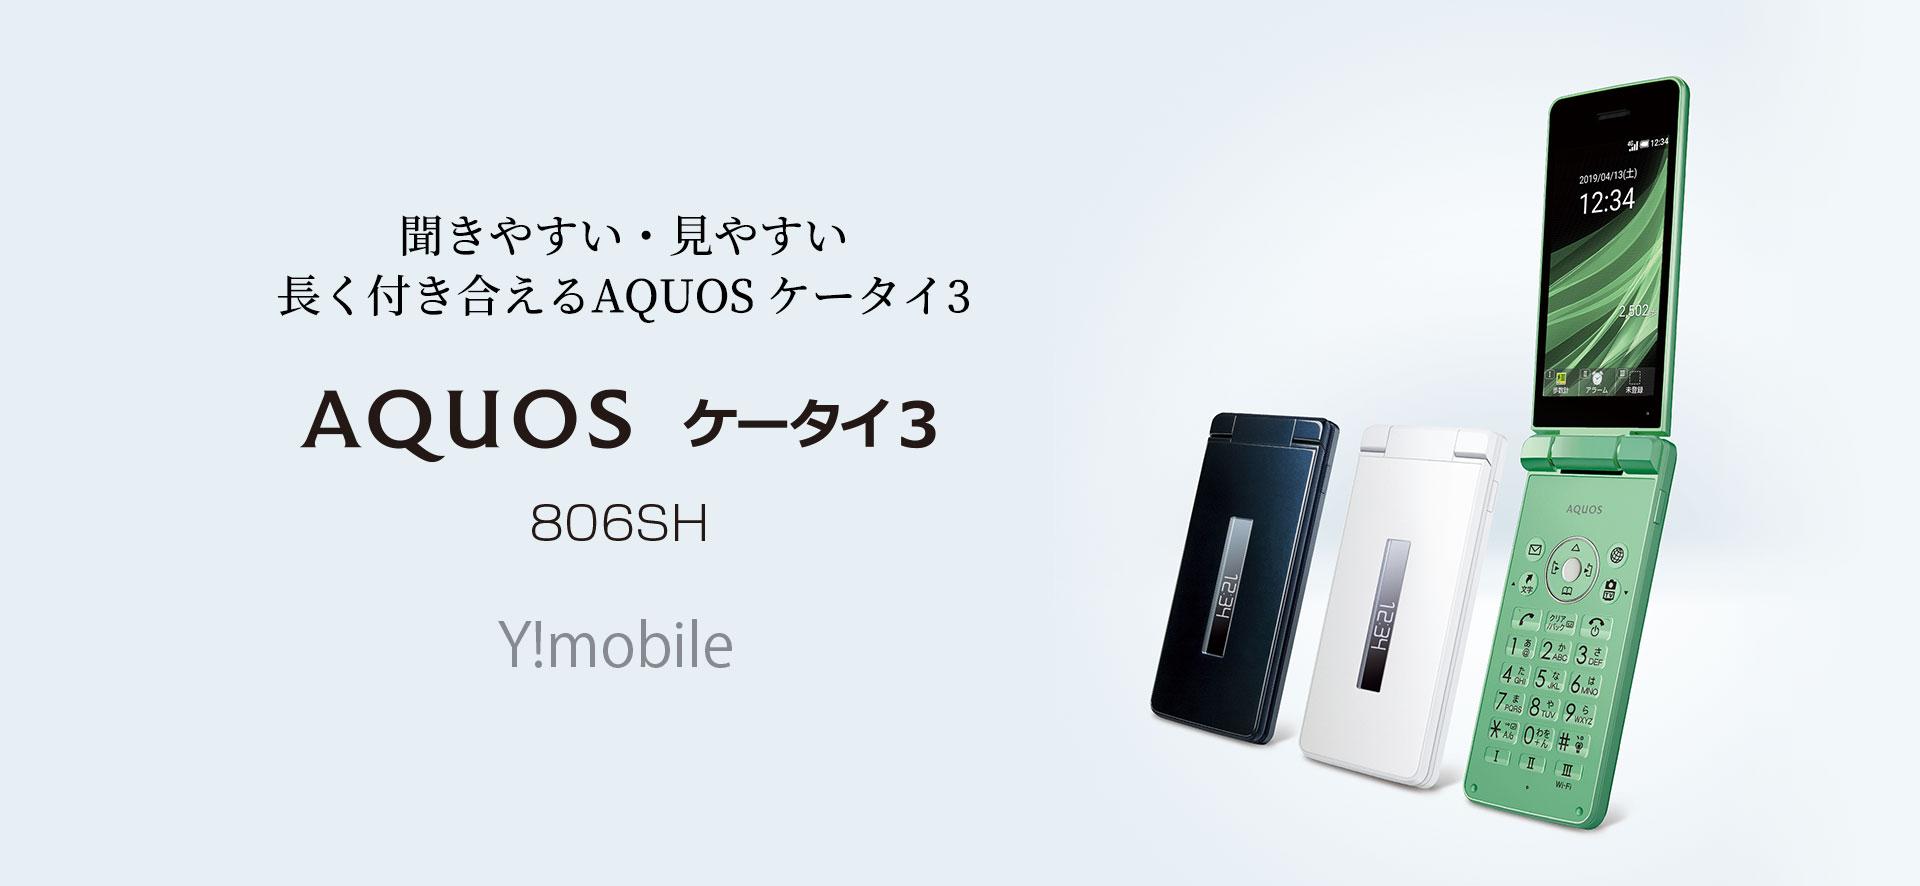 AQUOS ケータイ3 806SH